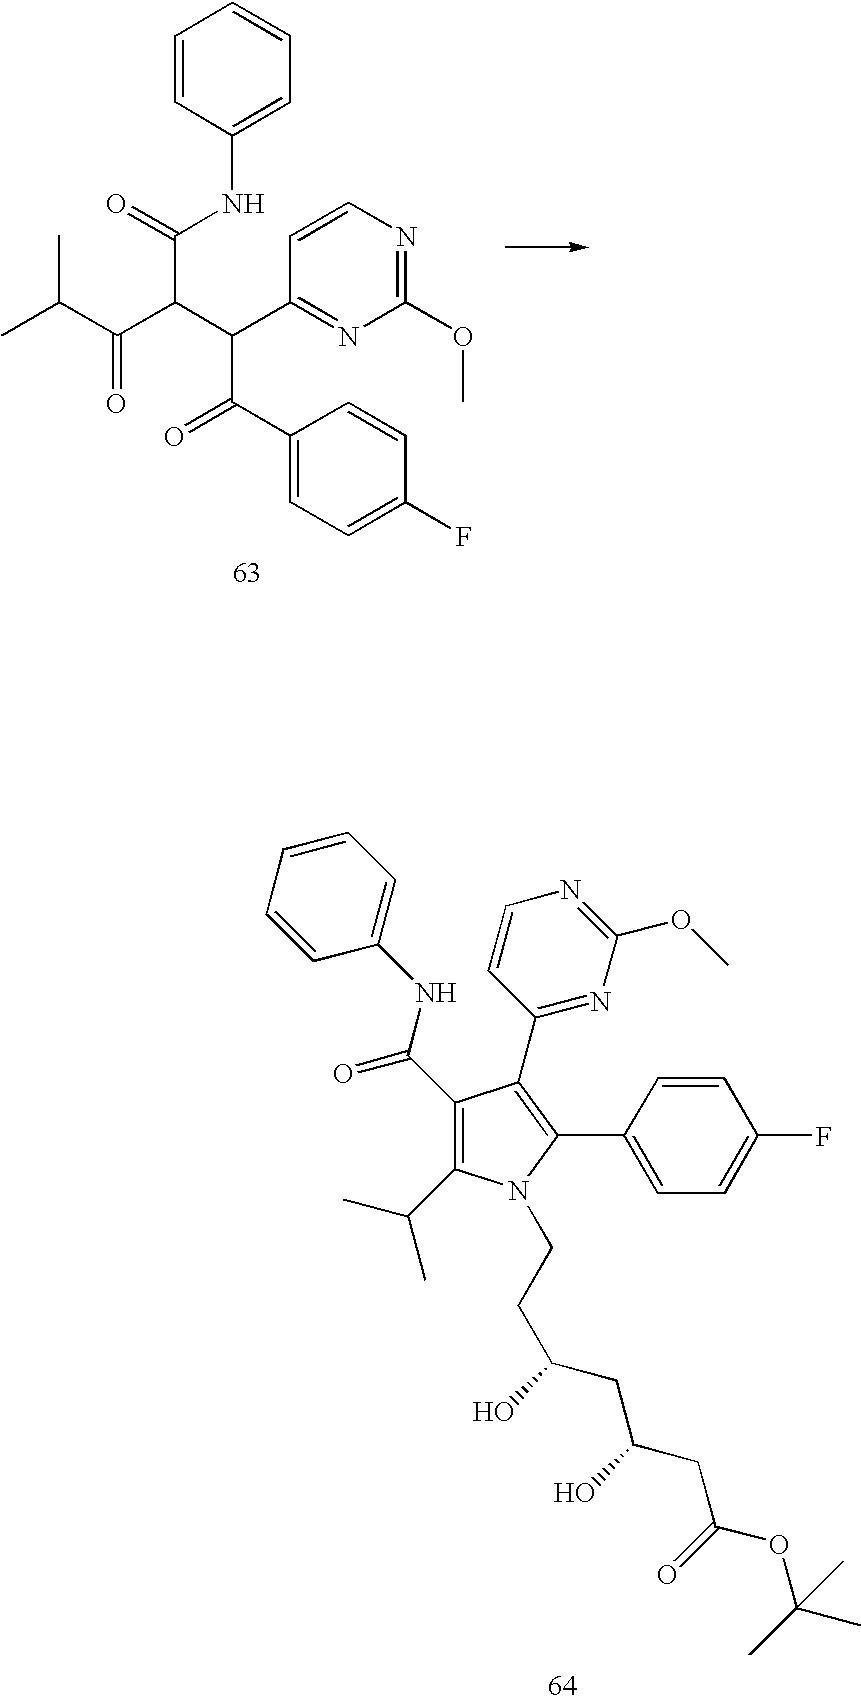 Figure US07183285-20070227-C00188